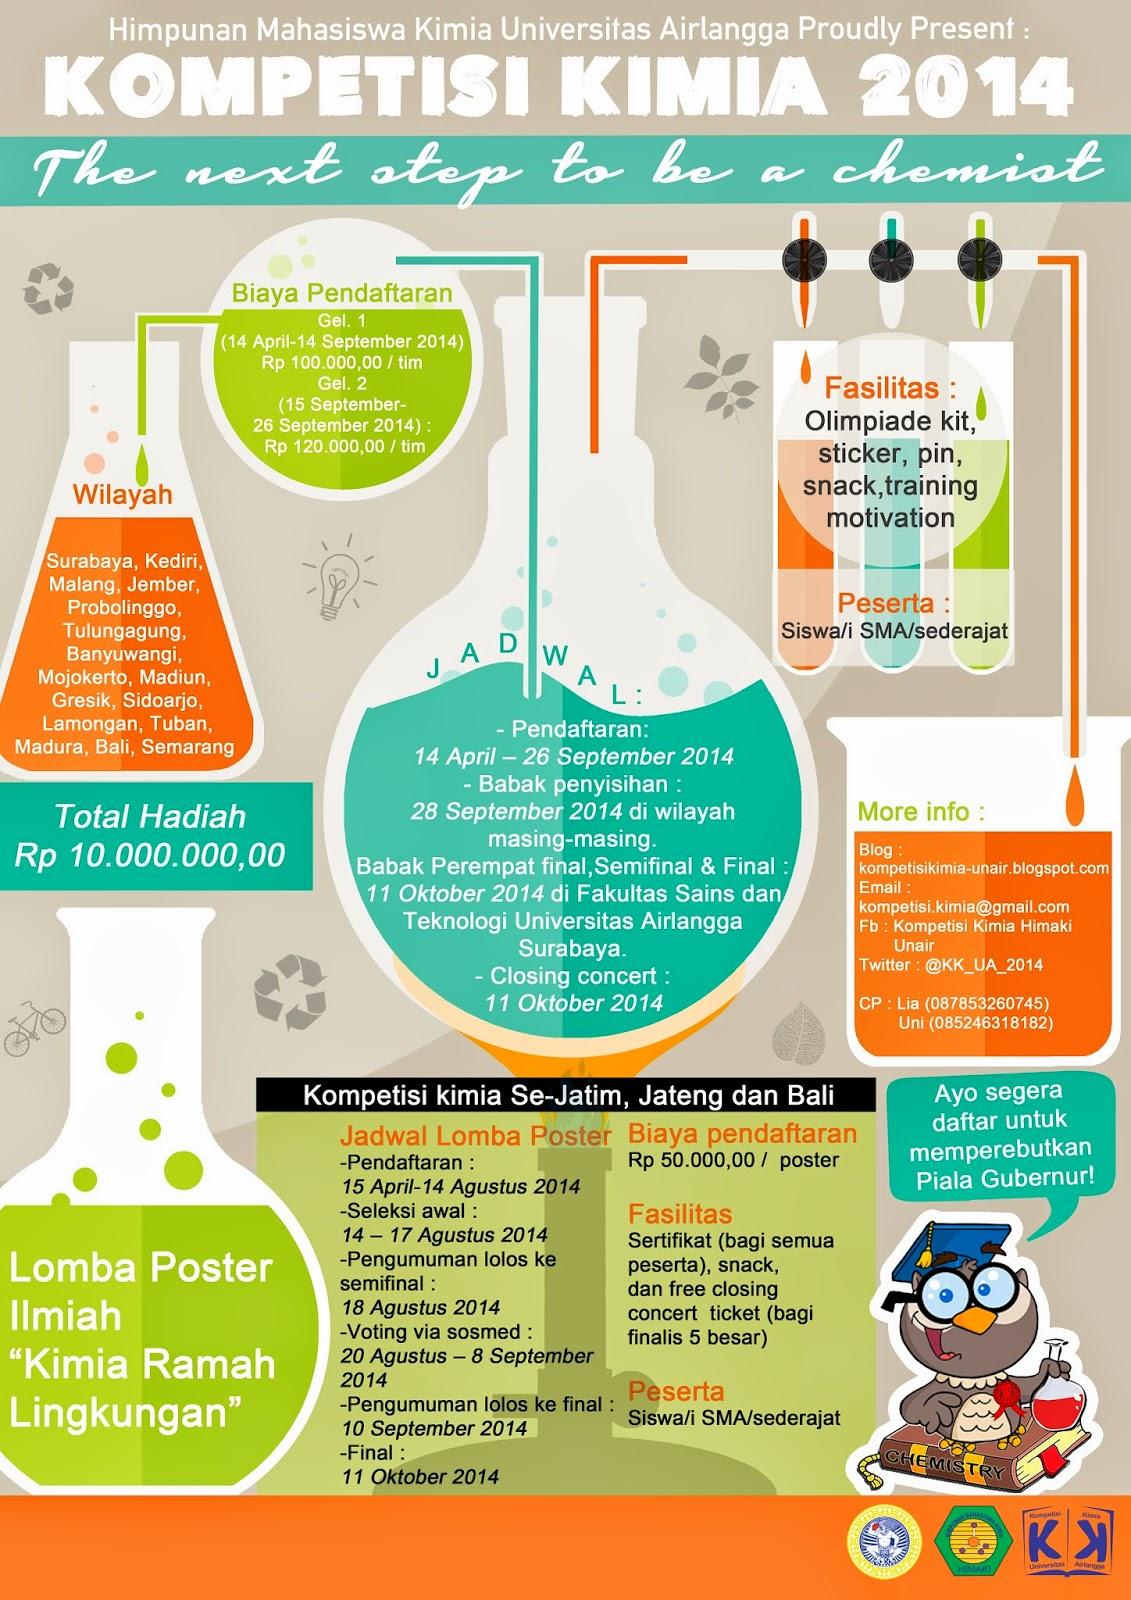 Kompetisi Kimia 2014 By Unair Bisakimia